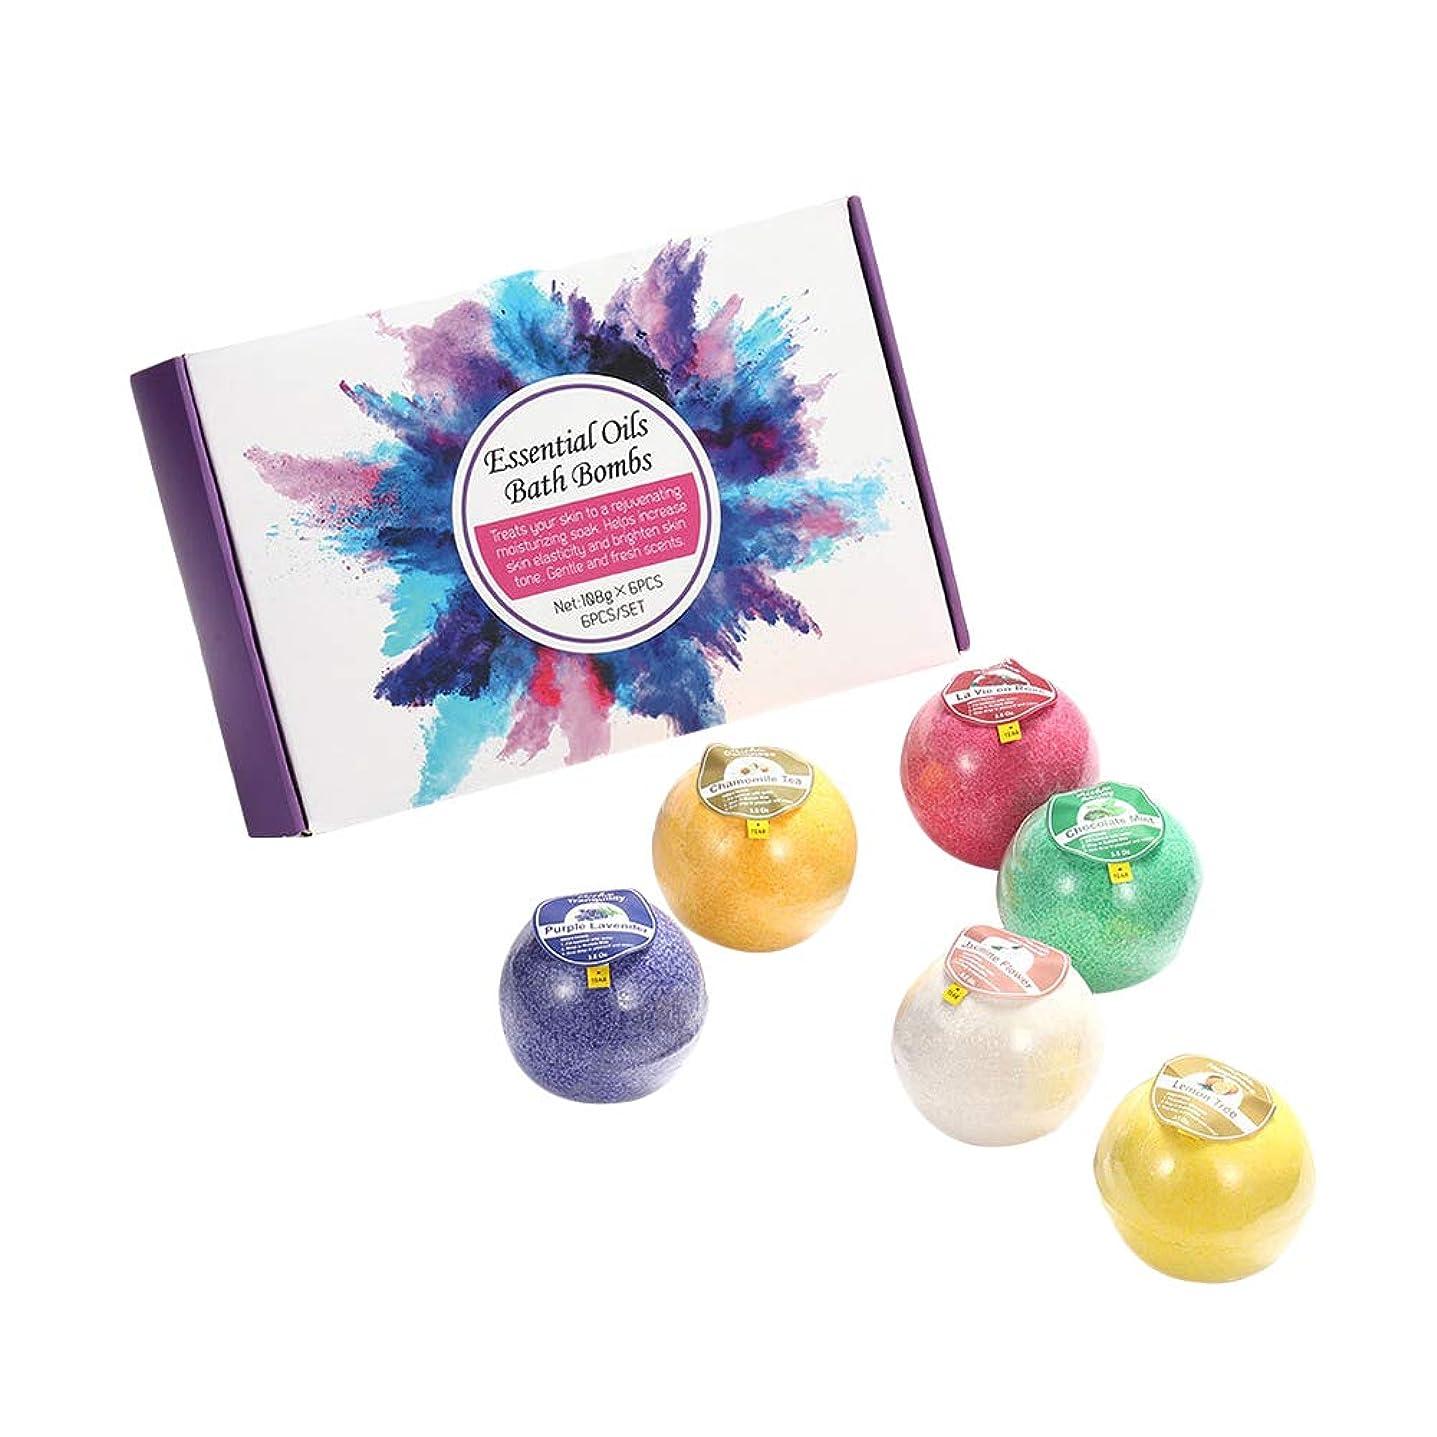 お風呂爆弾ギフトセット-天然海塩エッセンシャルオイル、女の子と女性のための贅沢なオーガニックバス爆弾